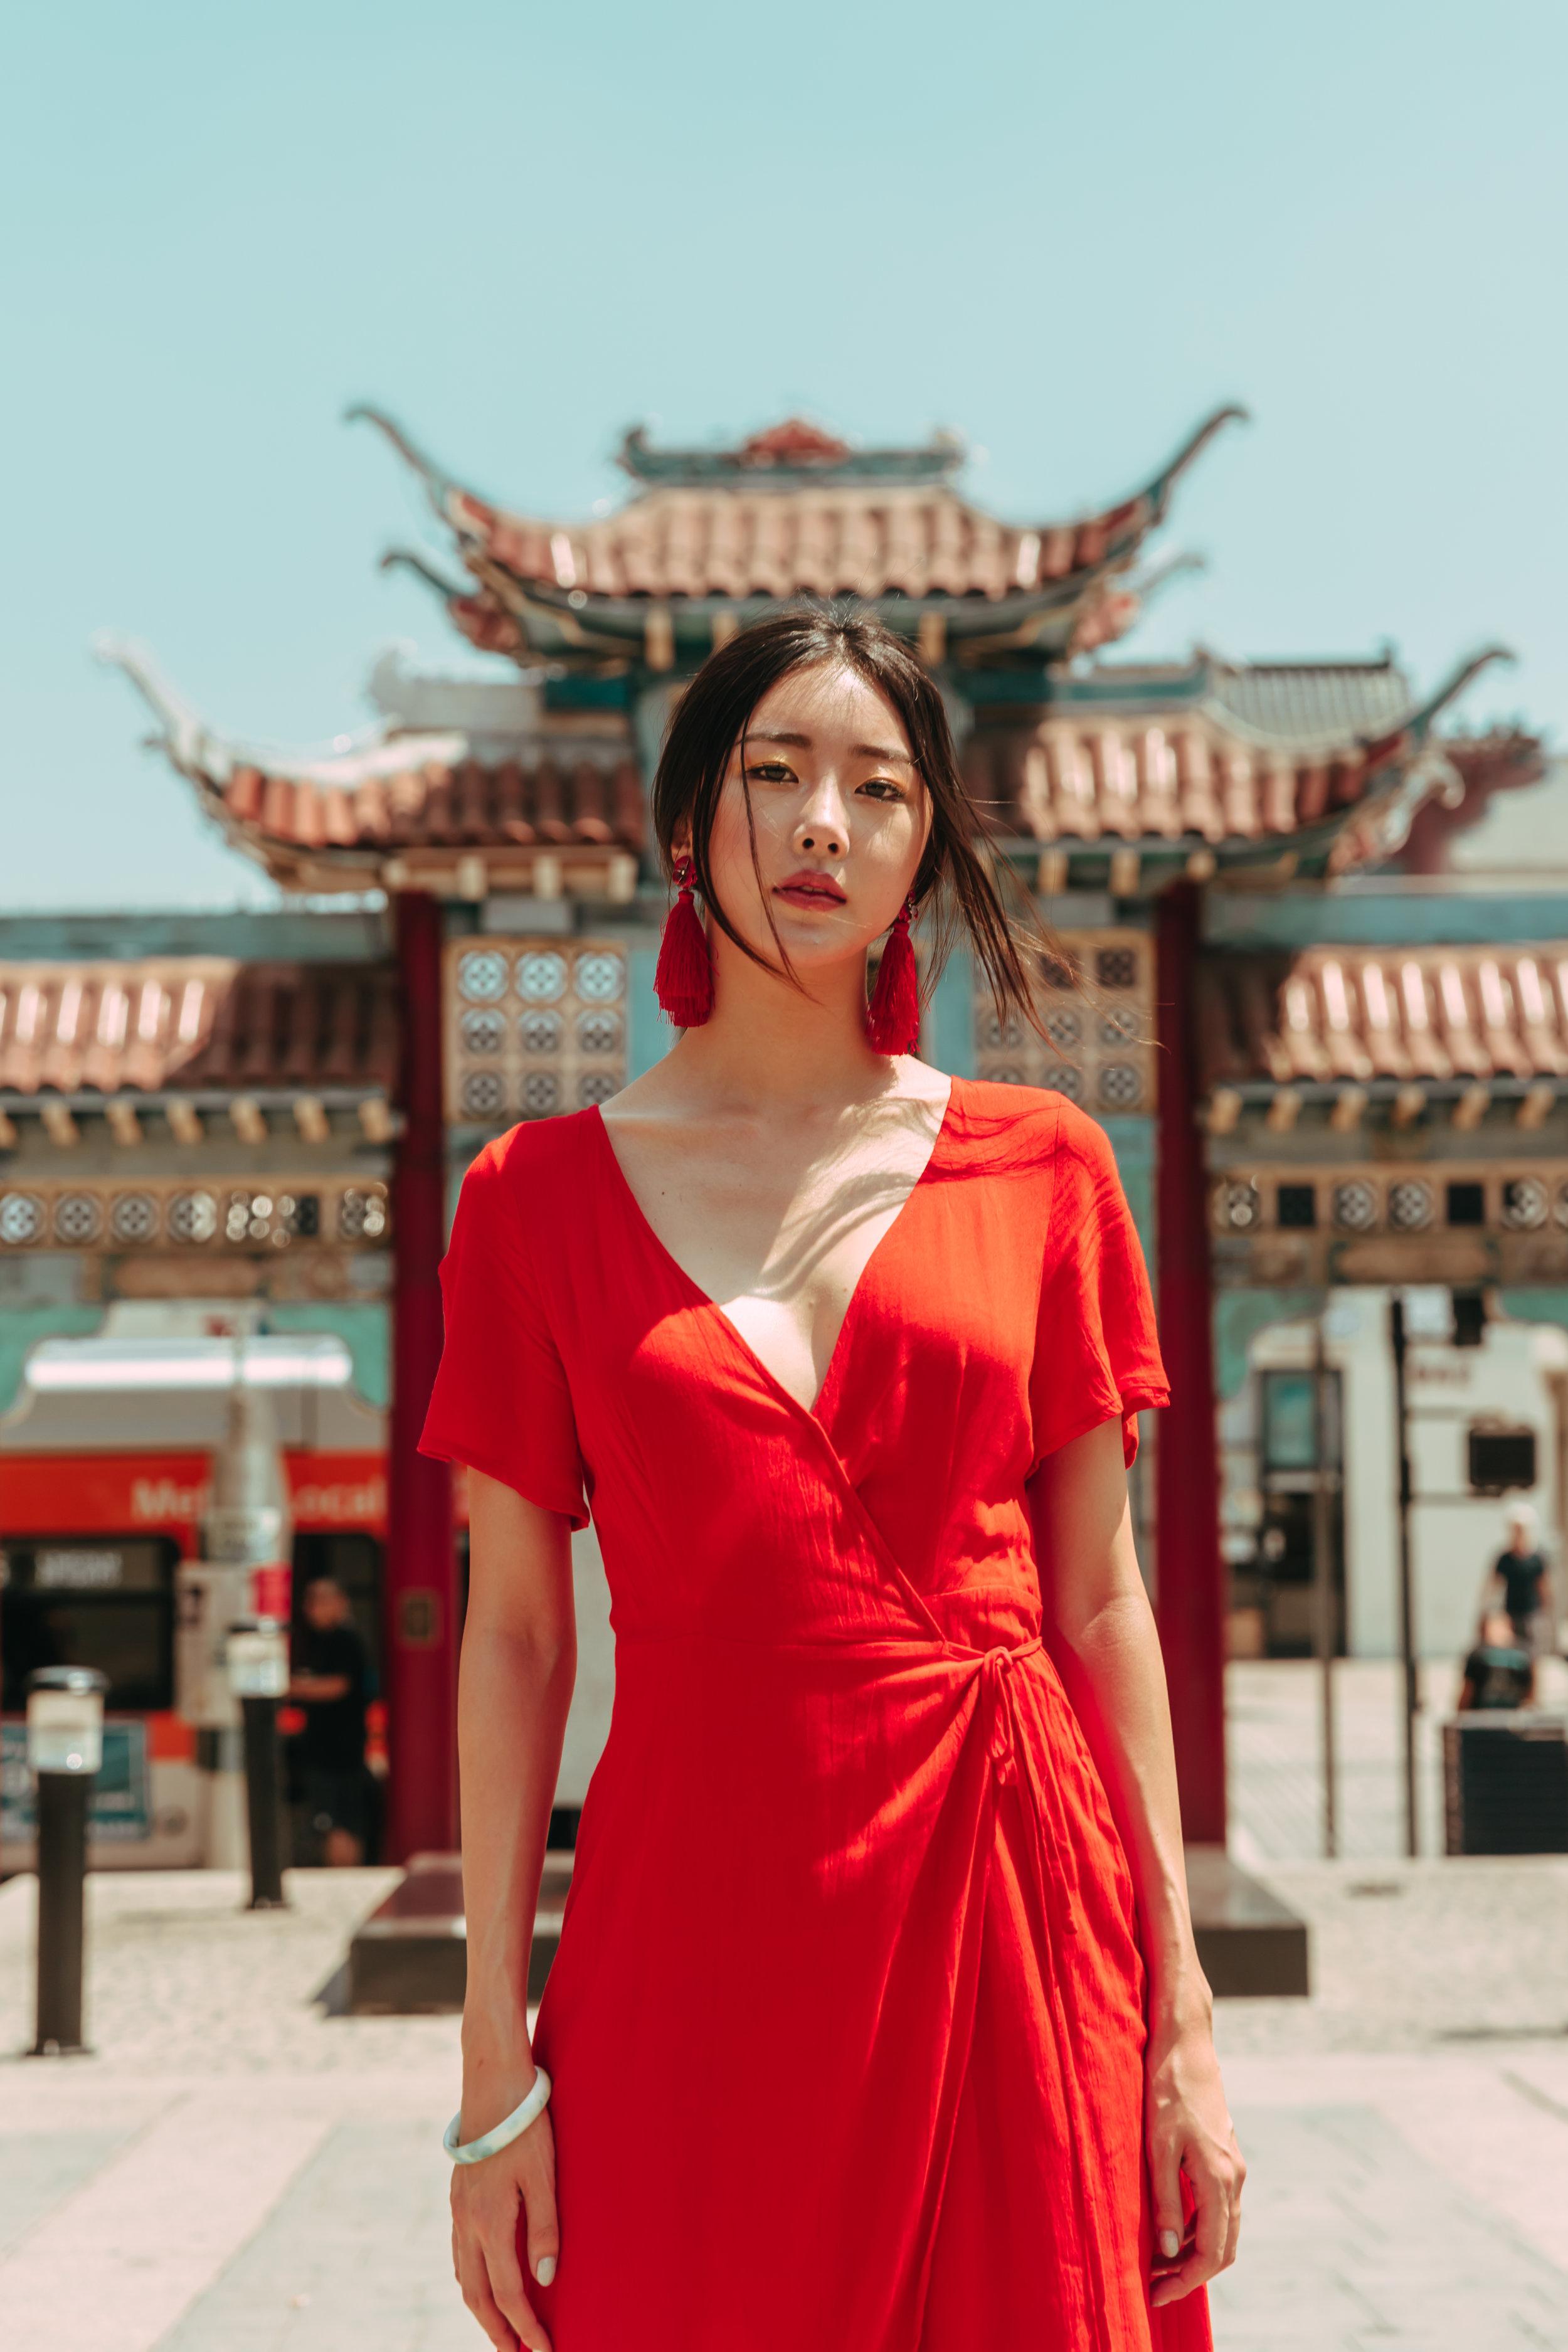 chinatown-dalsooobin-11.jpg